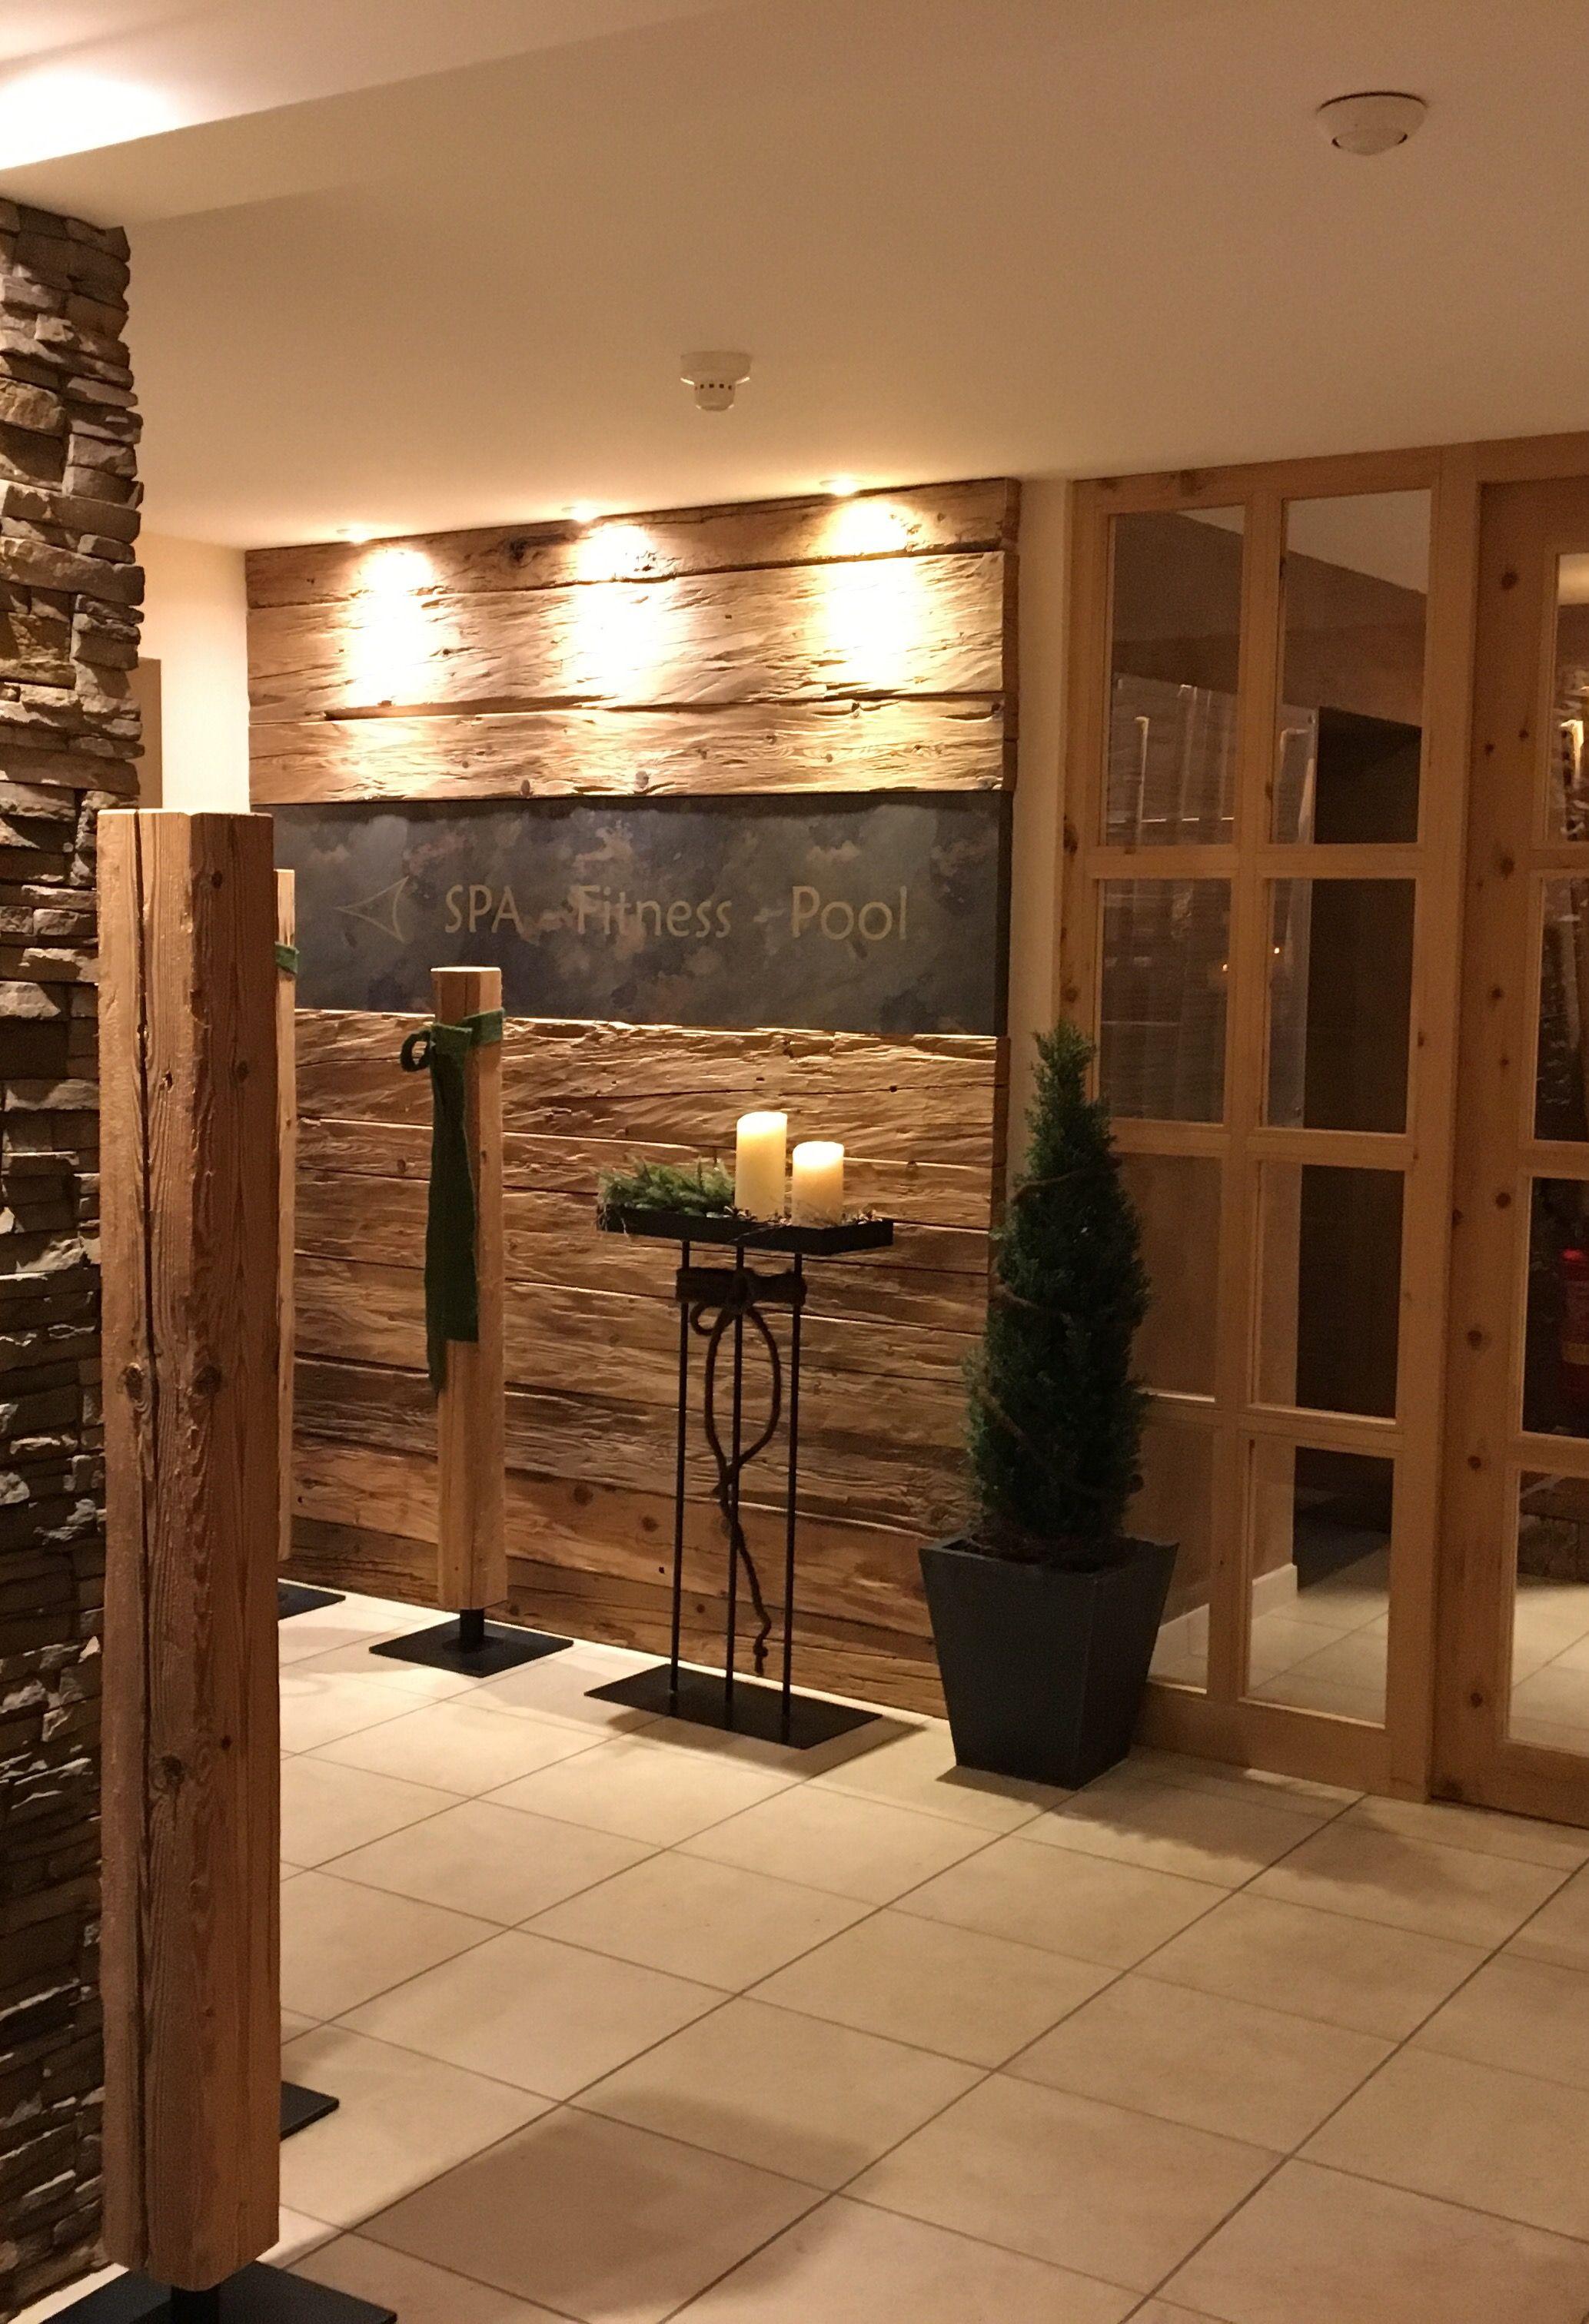 landhaus stil im wellness bereich stilfinder landhaus pinterest haus landhaus und. Black Bedroom Furniture Sets. Home Design Ideas